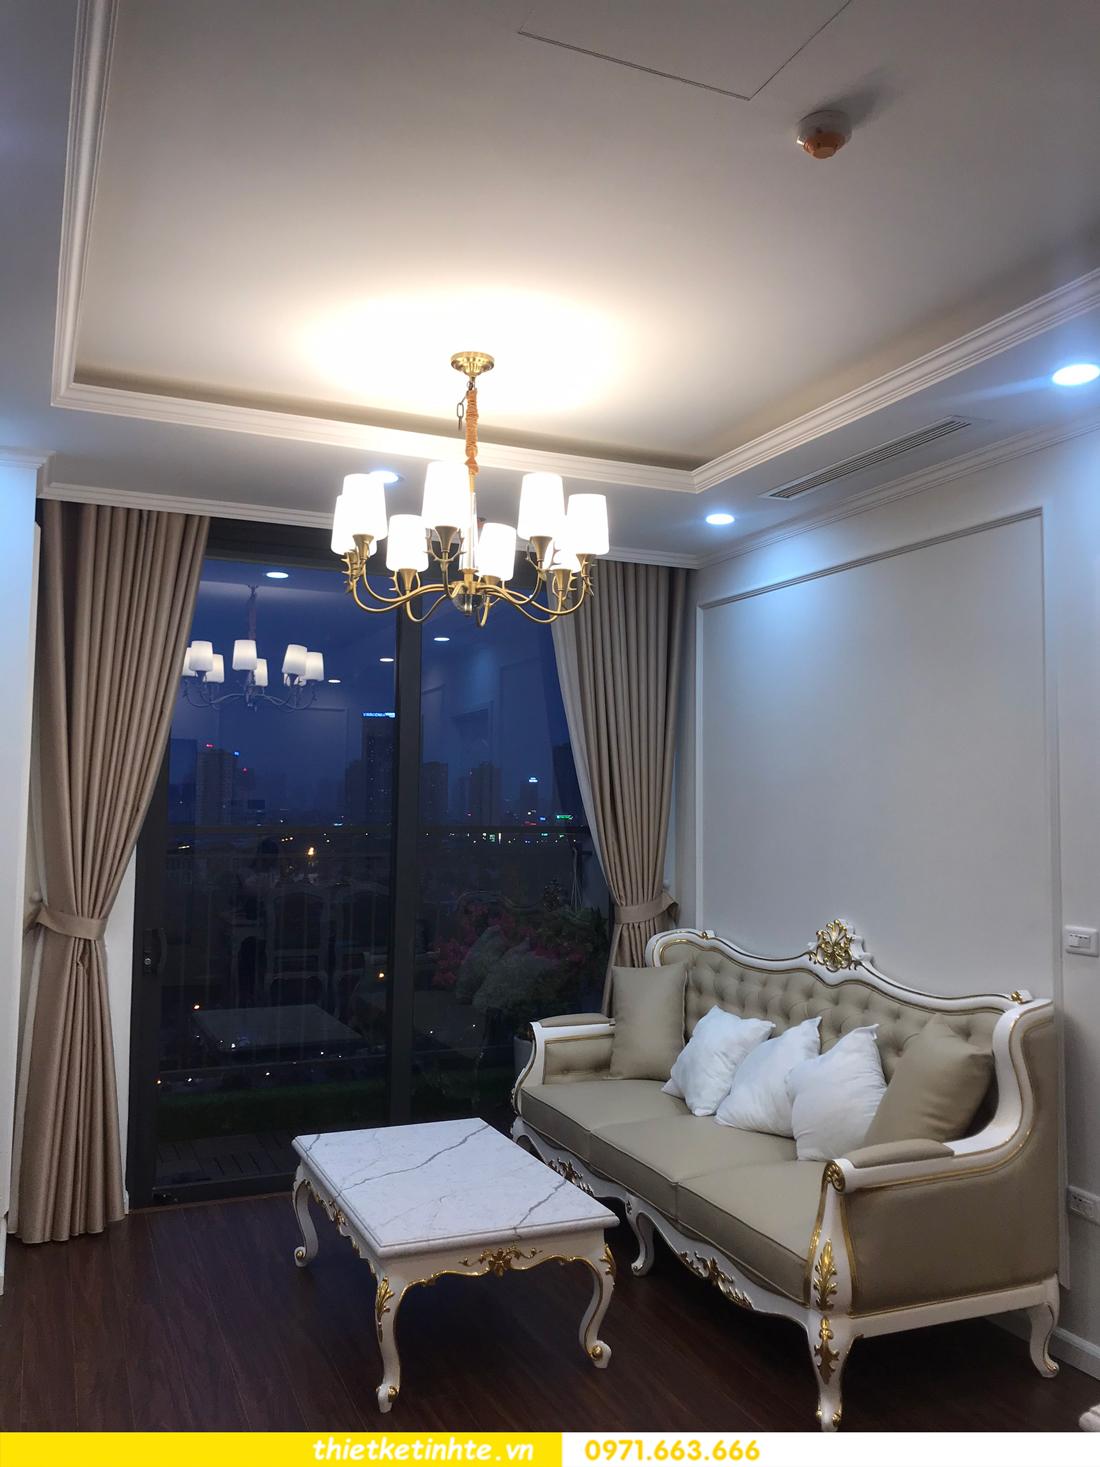 3 món đồ trang trí nội thất giúp không gian thêm cuốn hút 4